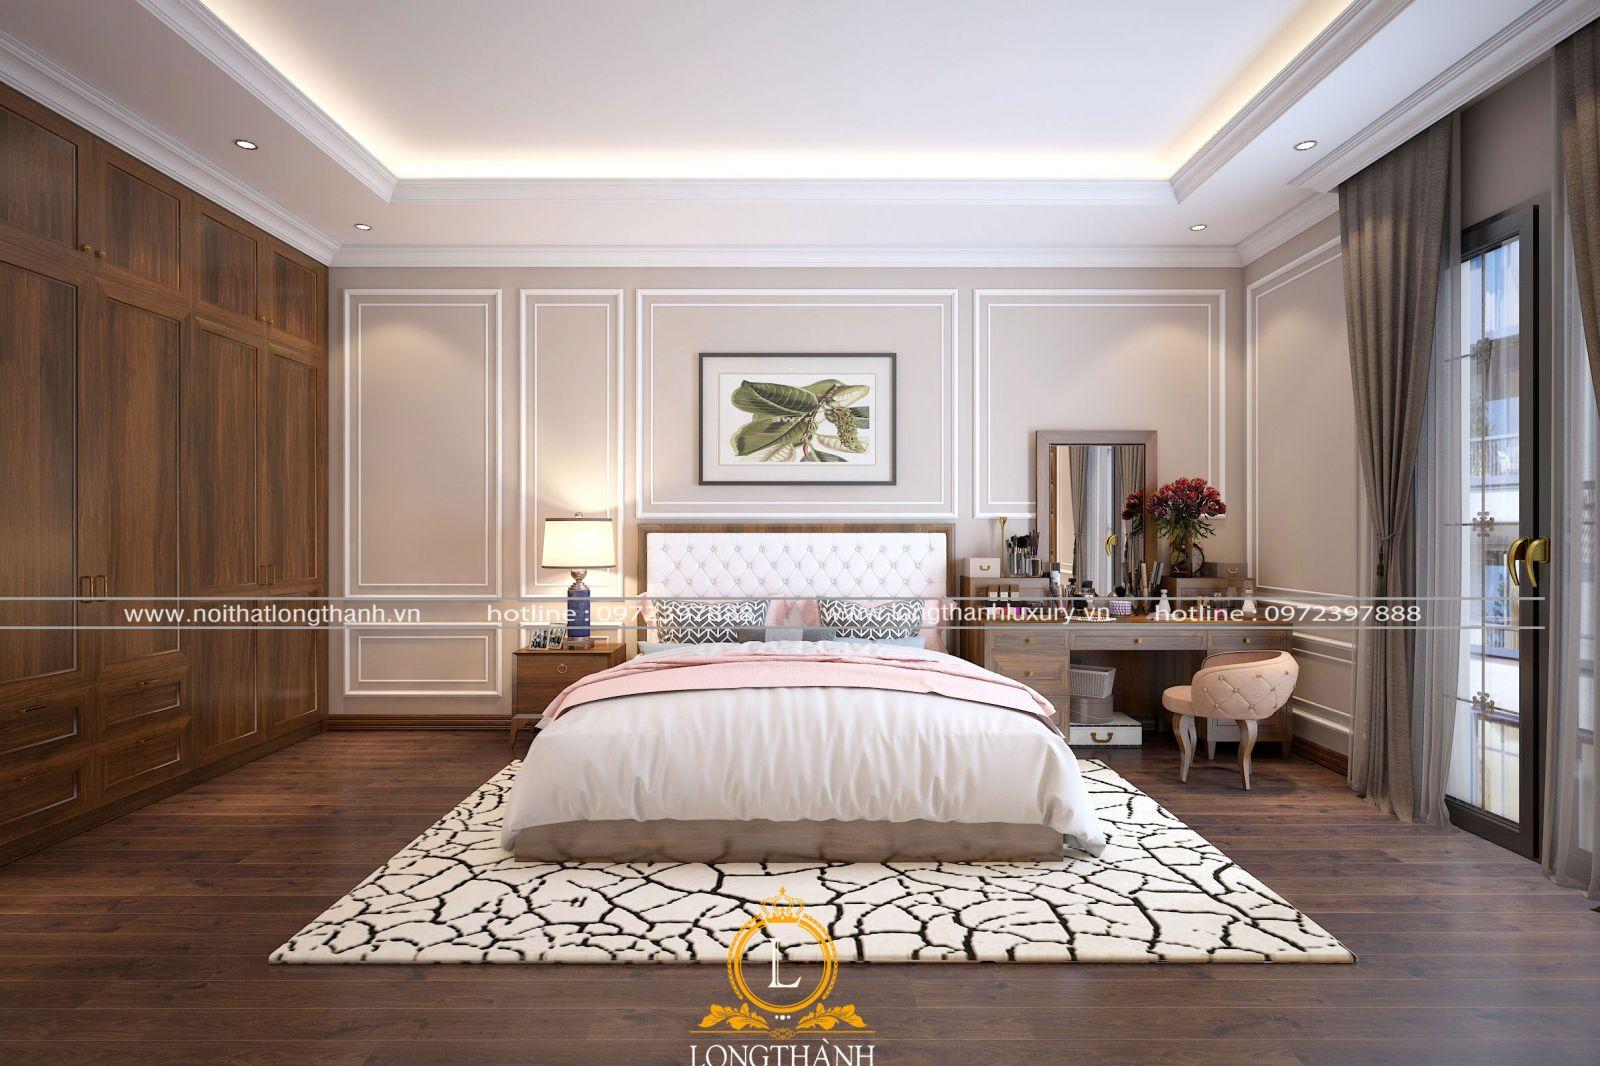 Mẫu phòng ngủ được thiết kế hài hòa thể hiện cá tính riêng của chủ nhân